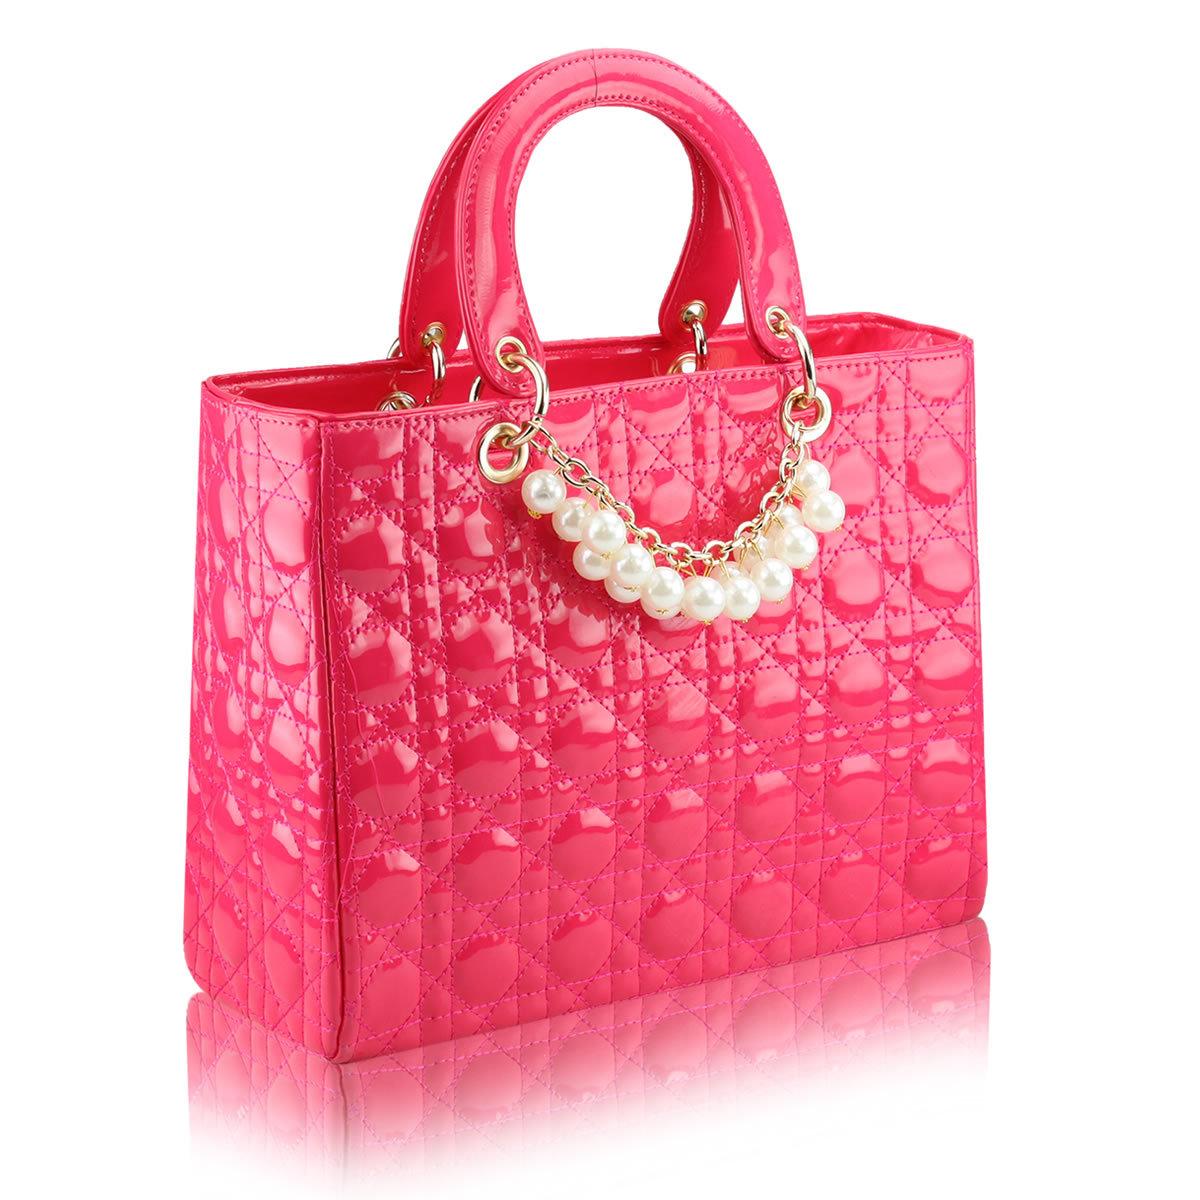 正品承诺 2013新款亮皮女包 欧美时尚商务手提包新娘包包结婚包潮